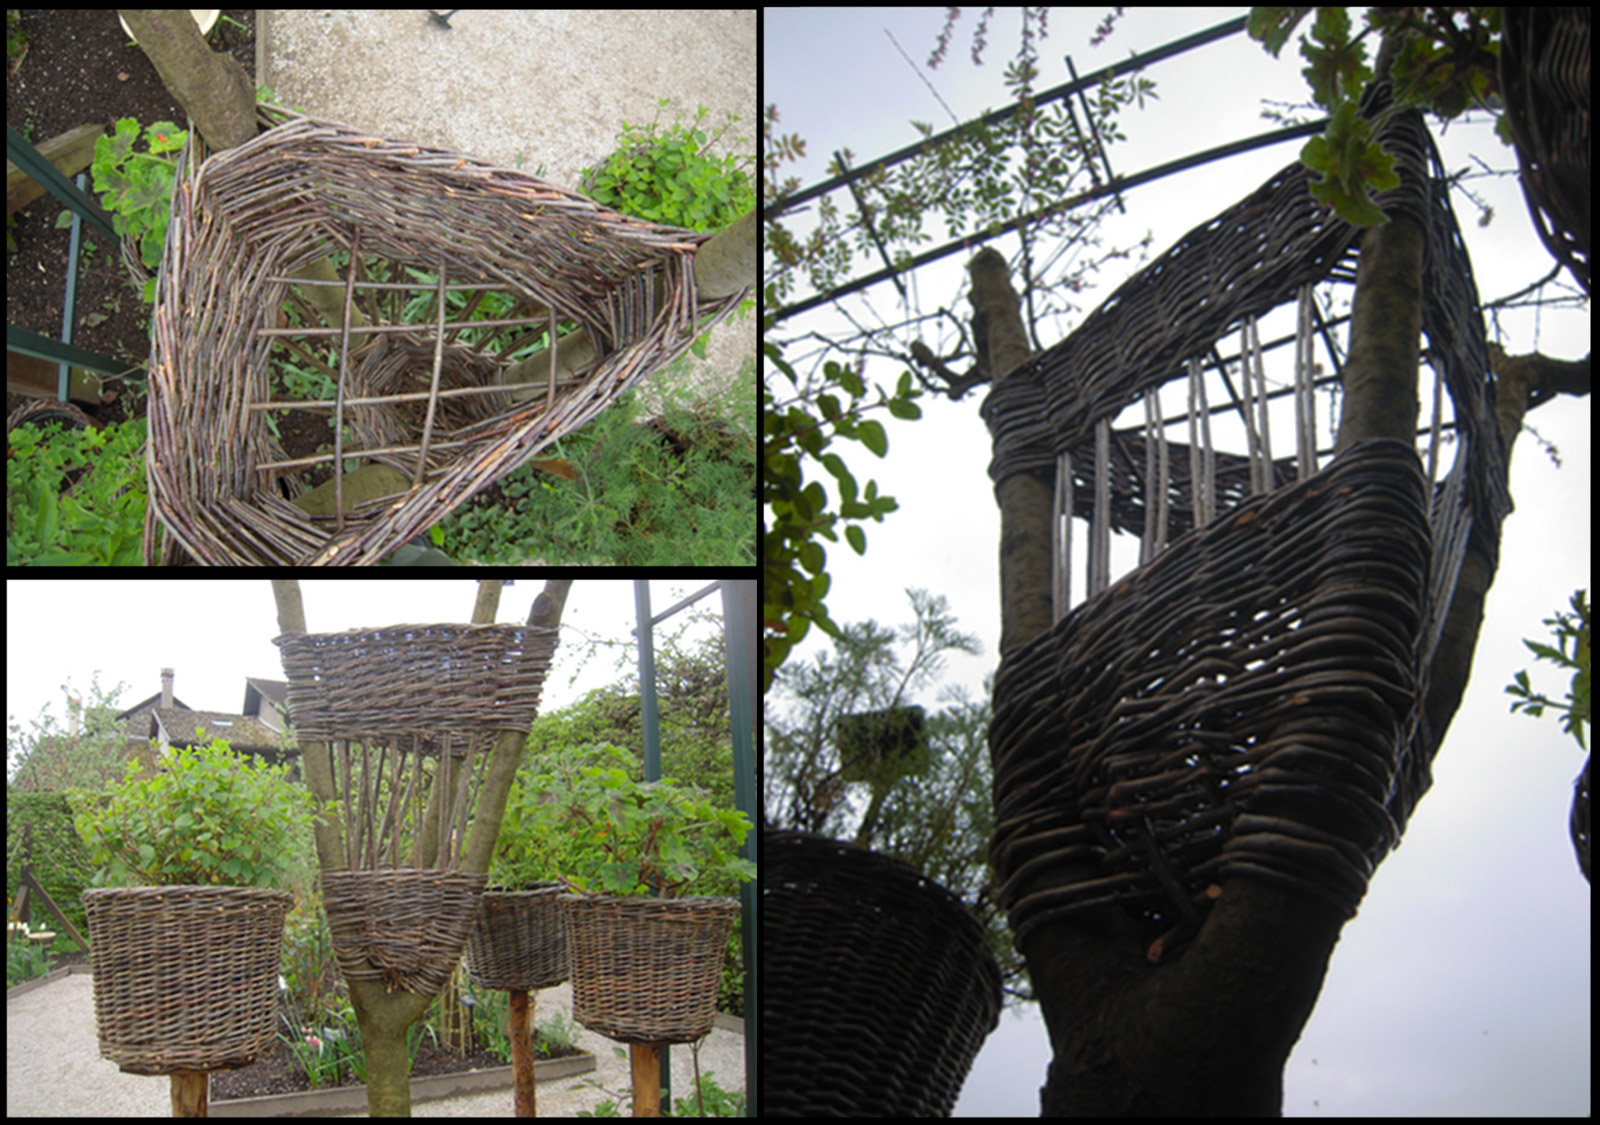 La vannerie investit le jardin le jardin des cinq sens for Jardin des sens saigon